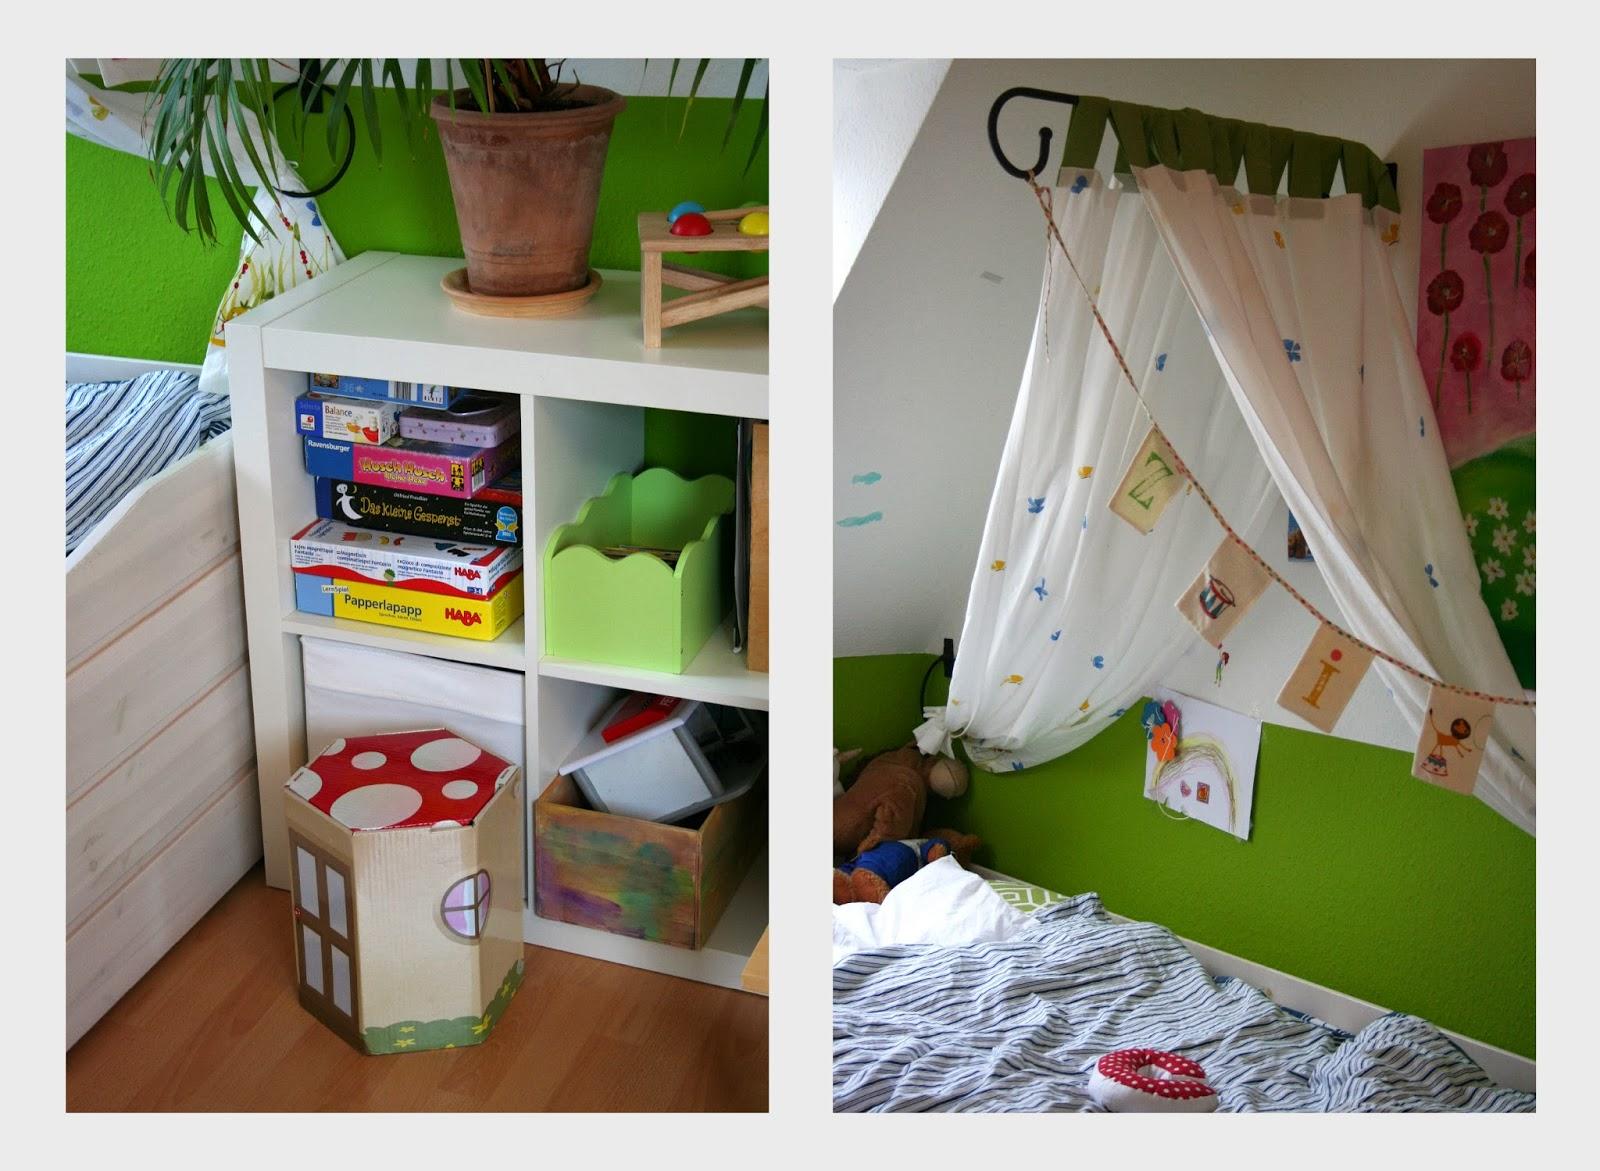 kuschelh hle kinderzimmer kuschelh hle kinderzimmer bestes haus kinderzimmer 39 kuschelh hle. Black Bedroom Furniture Sets. Home Design Ideas